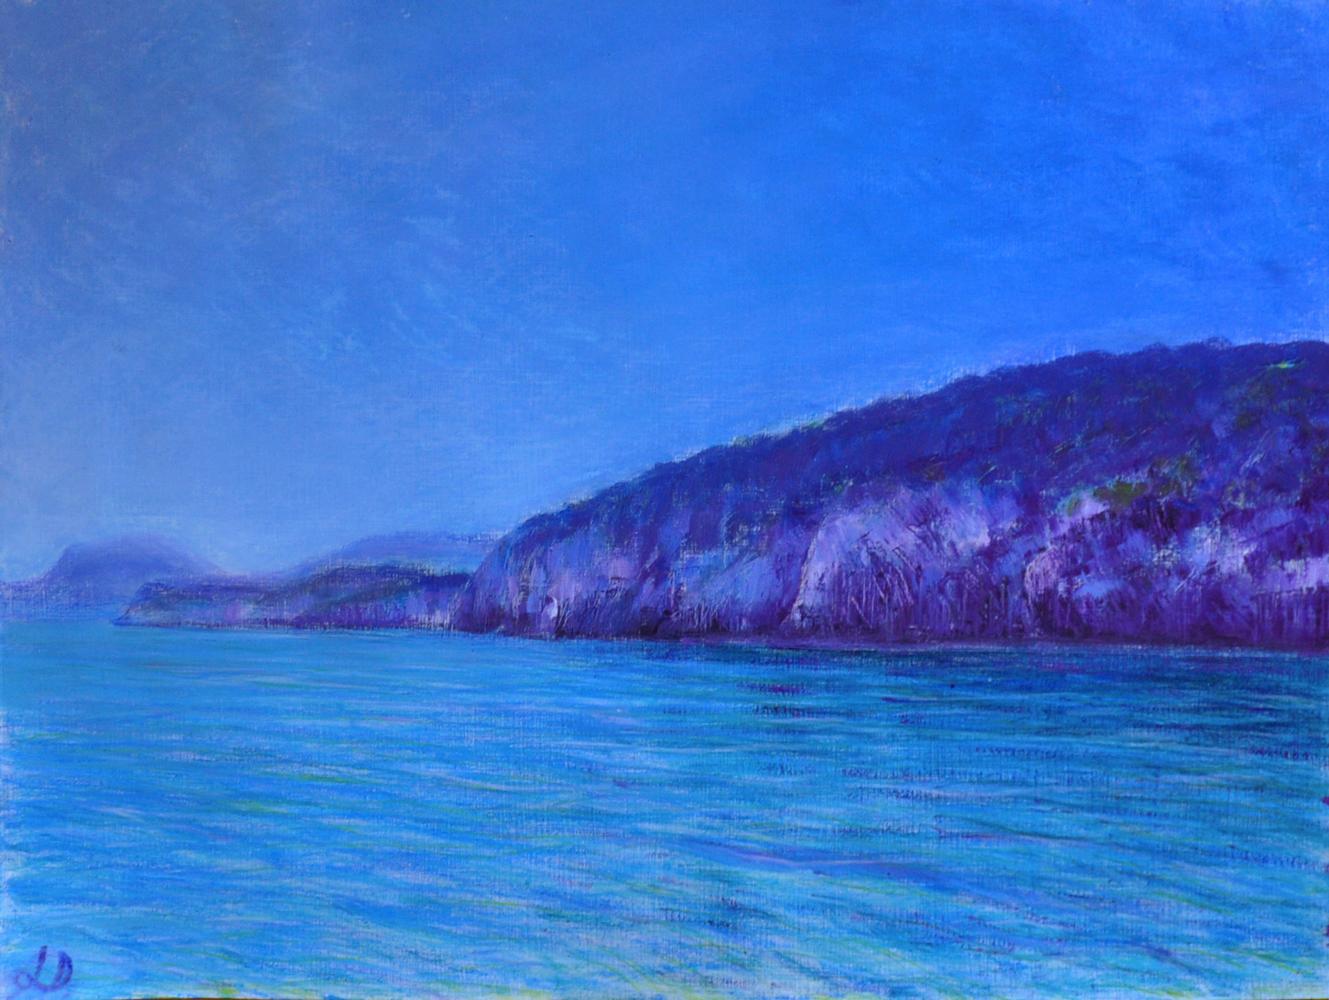 Croissant bleu, Cala Gonone no 1. Mixed media sur papier, 42x56, 2017